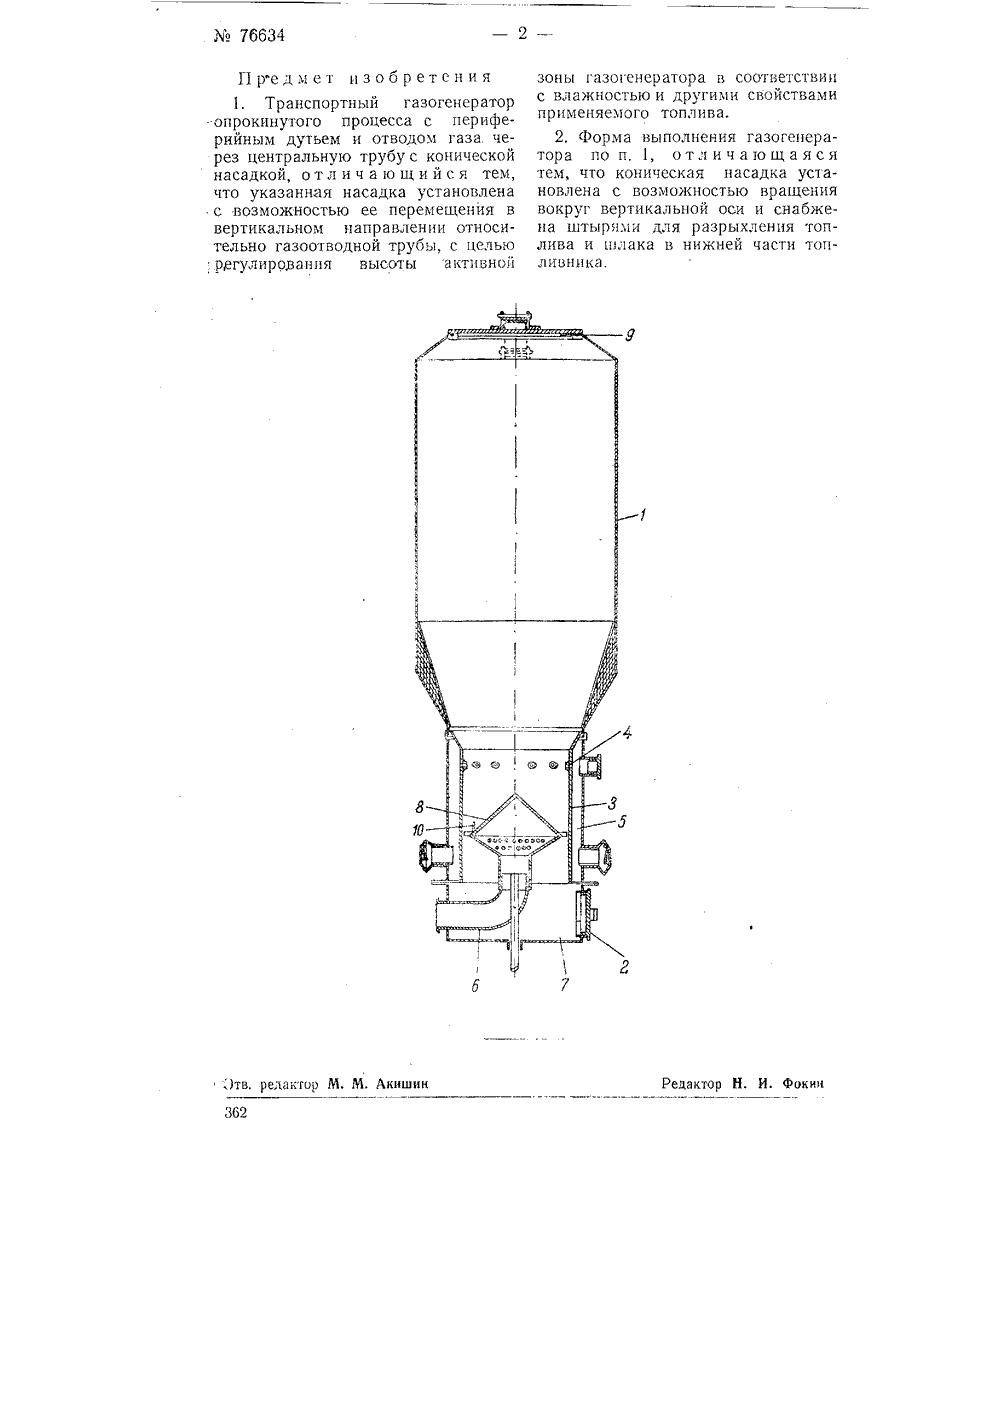 Газогенераторная установка: принцип работы, преимущества и недостатки